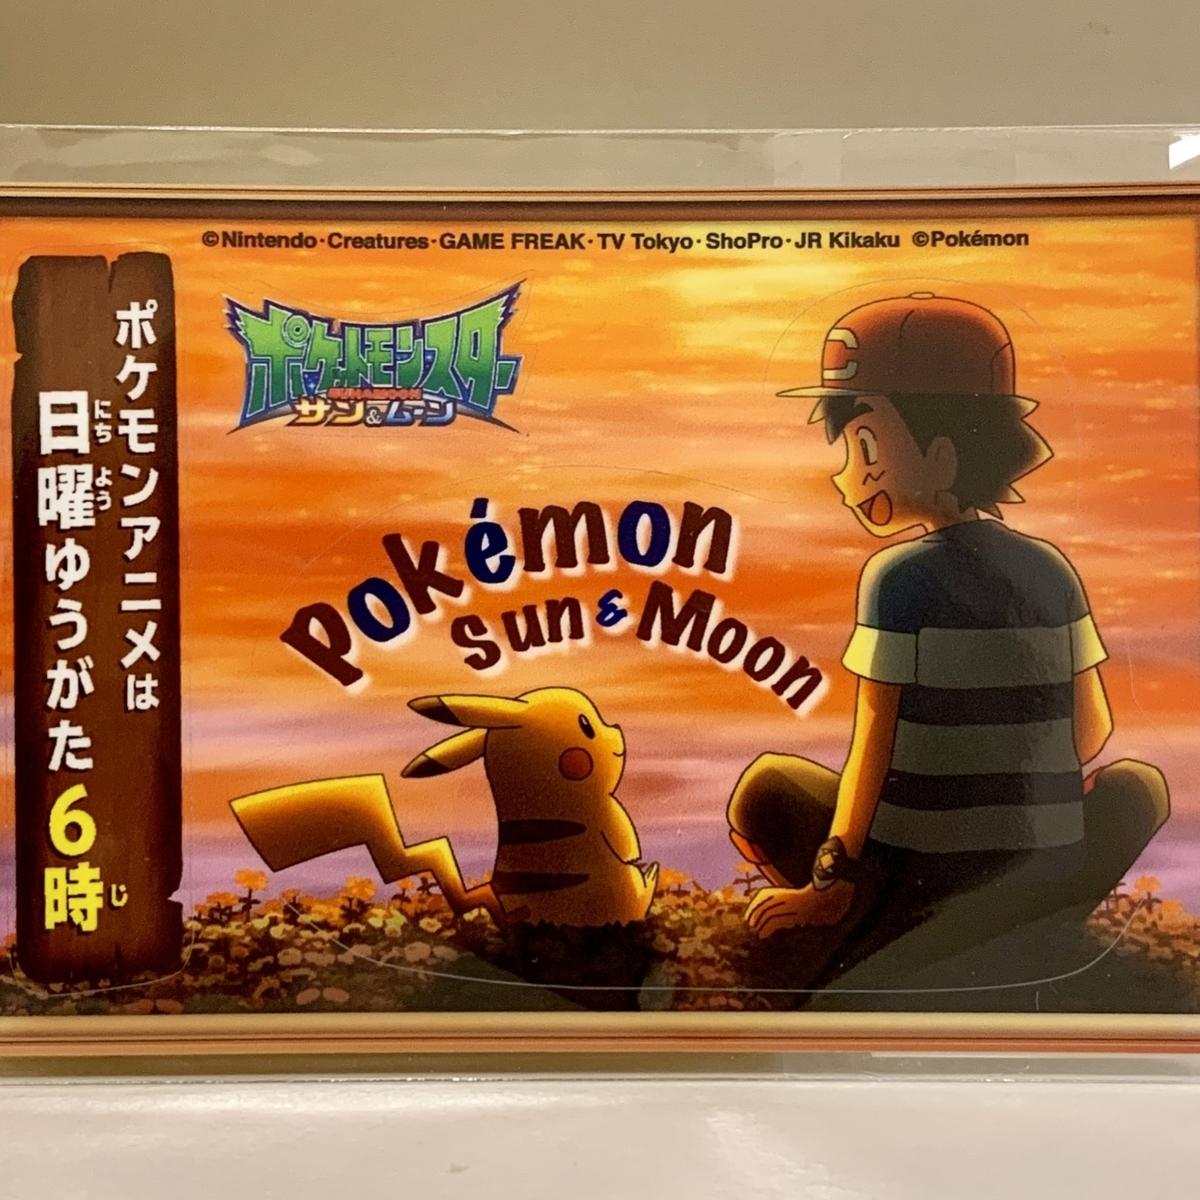 サトシとピカチュウのグッズ アニメ公式イラスト使用 テレビ東京限定商品